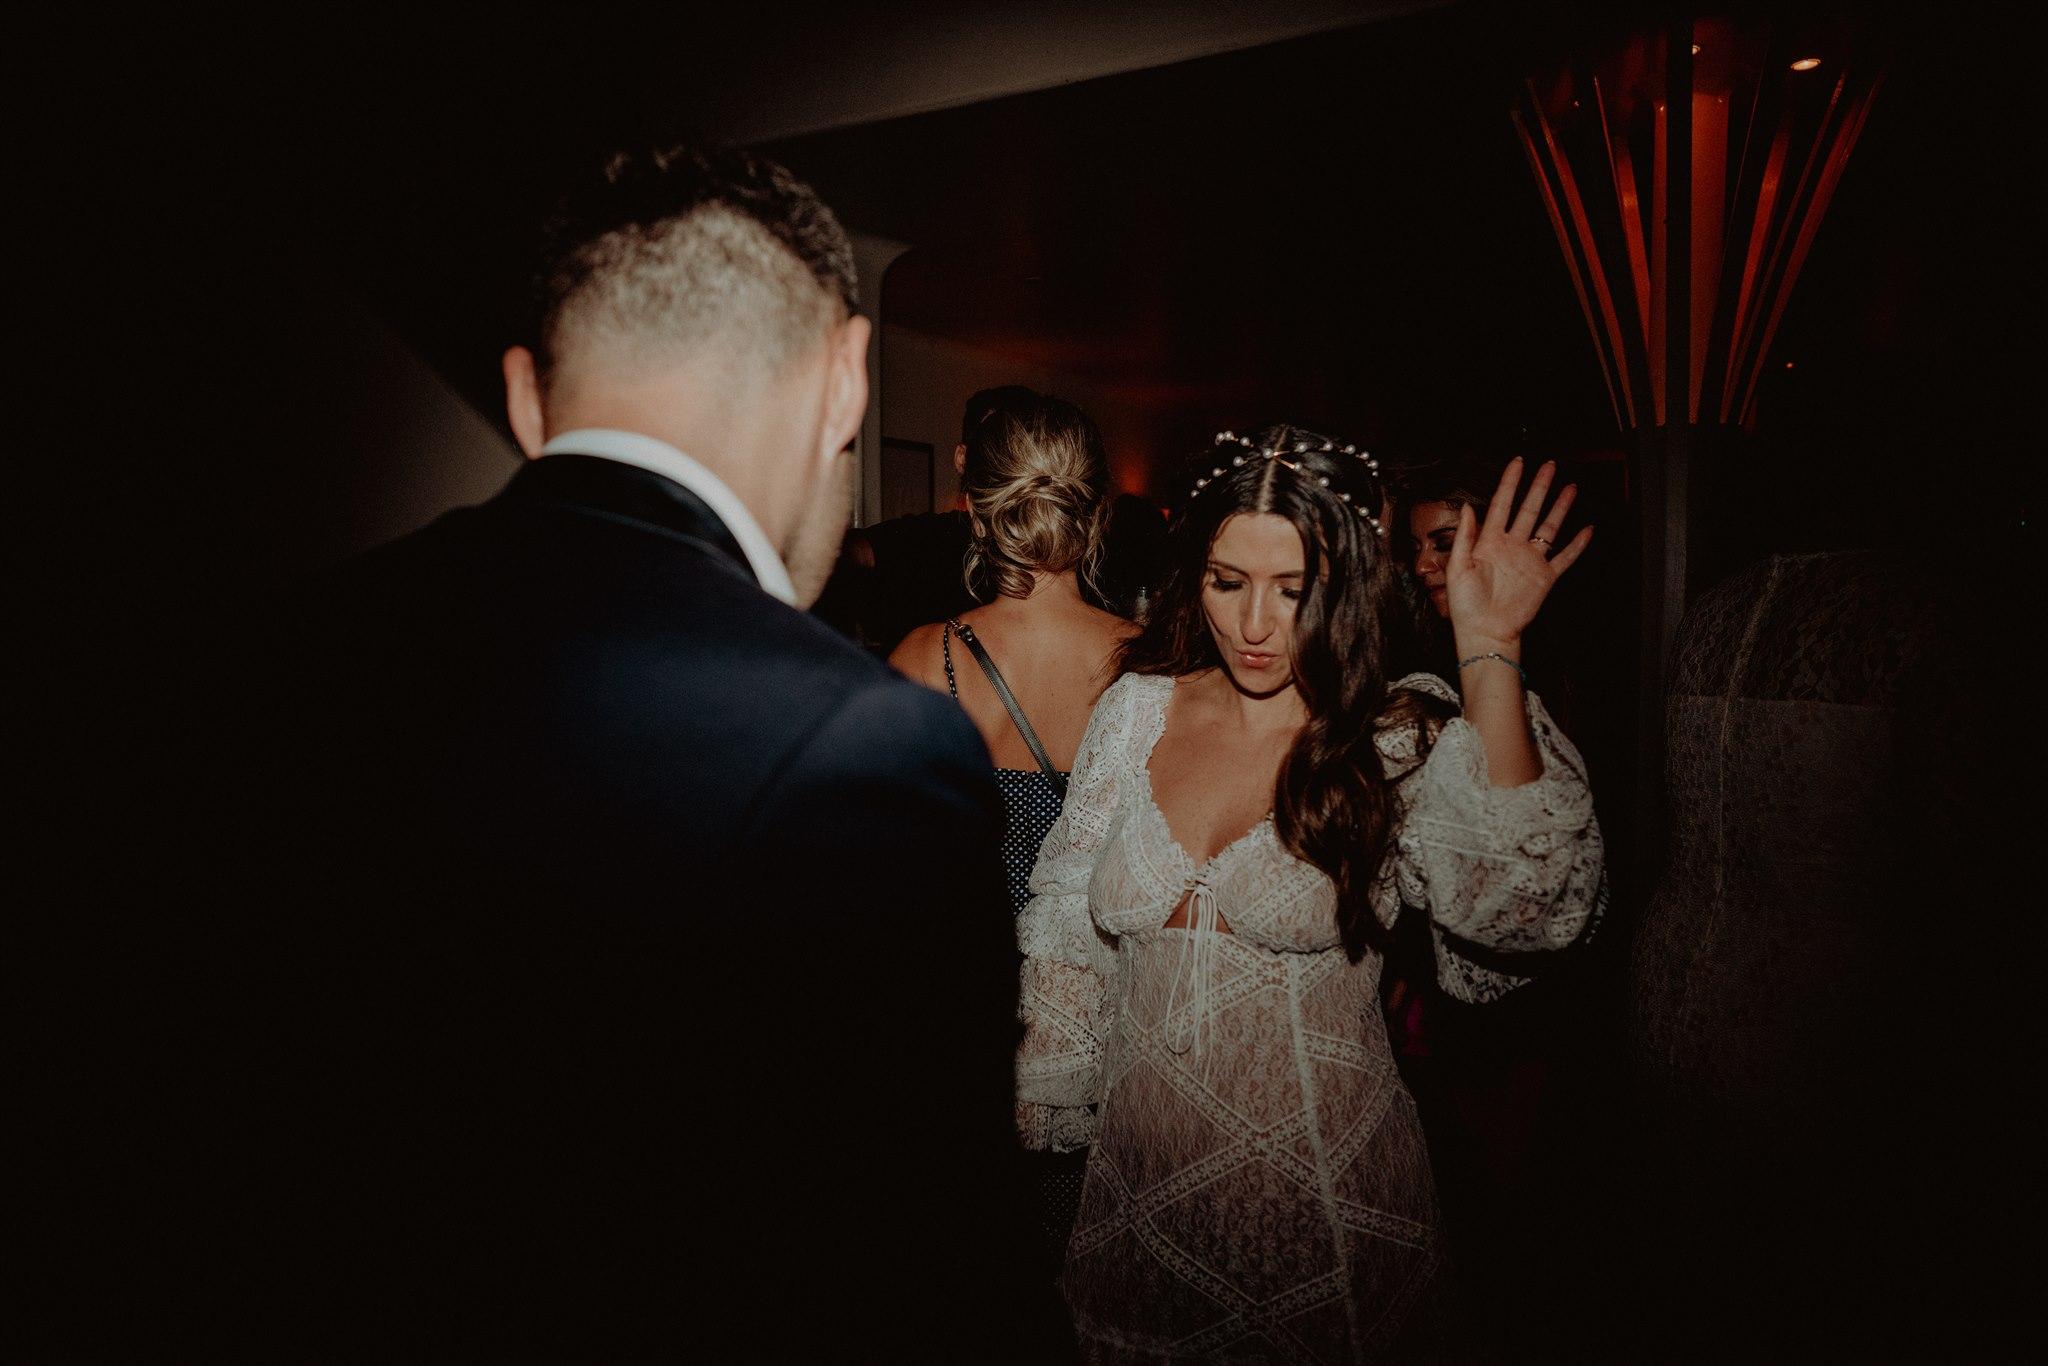 Chellise_Michael_Photography_Ramona_Brooklyn_Wedding_Photographer-867.jpg